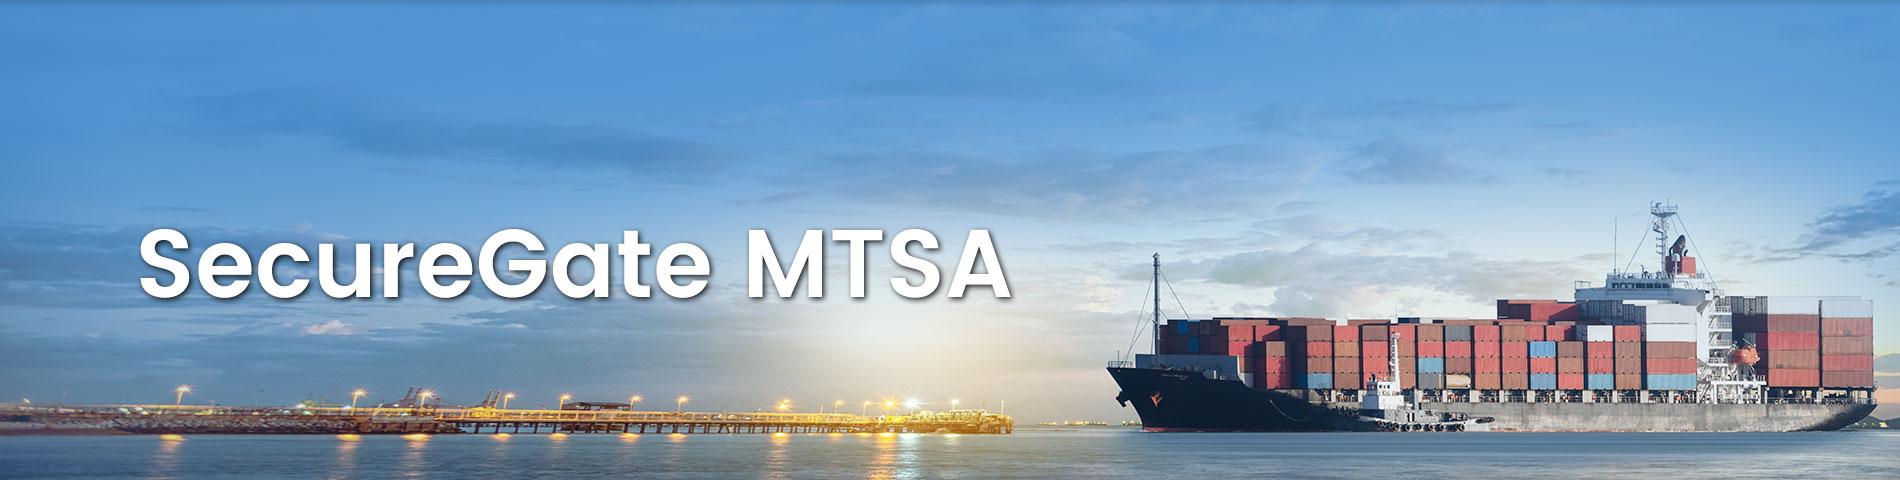 SecureGate MTSA